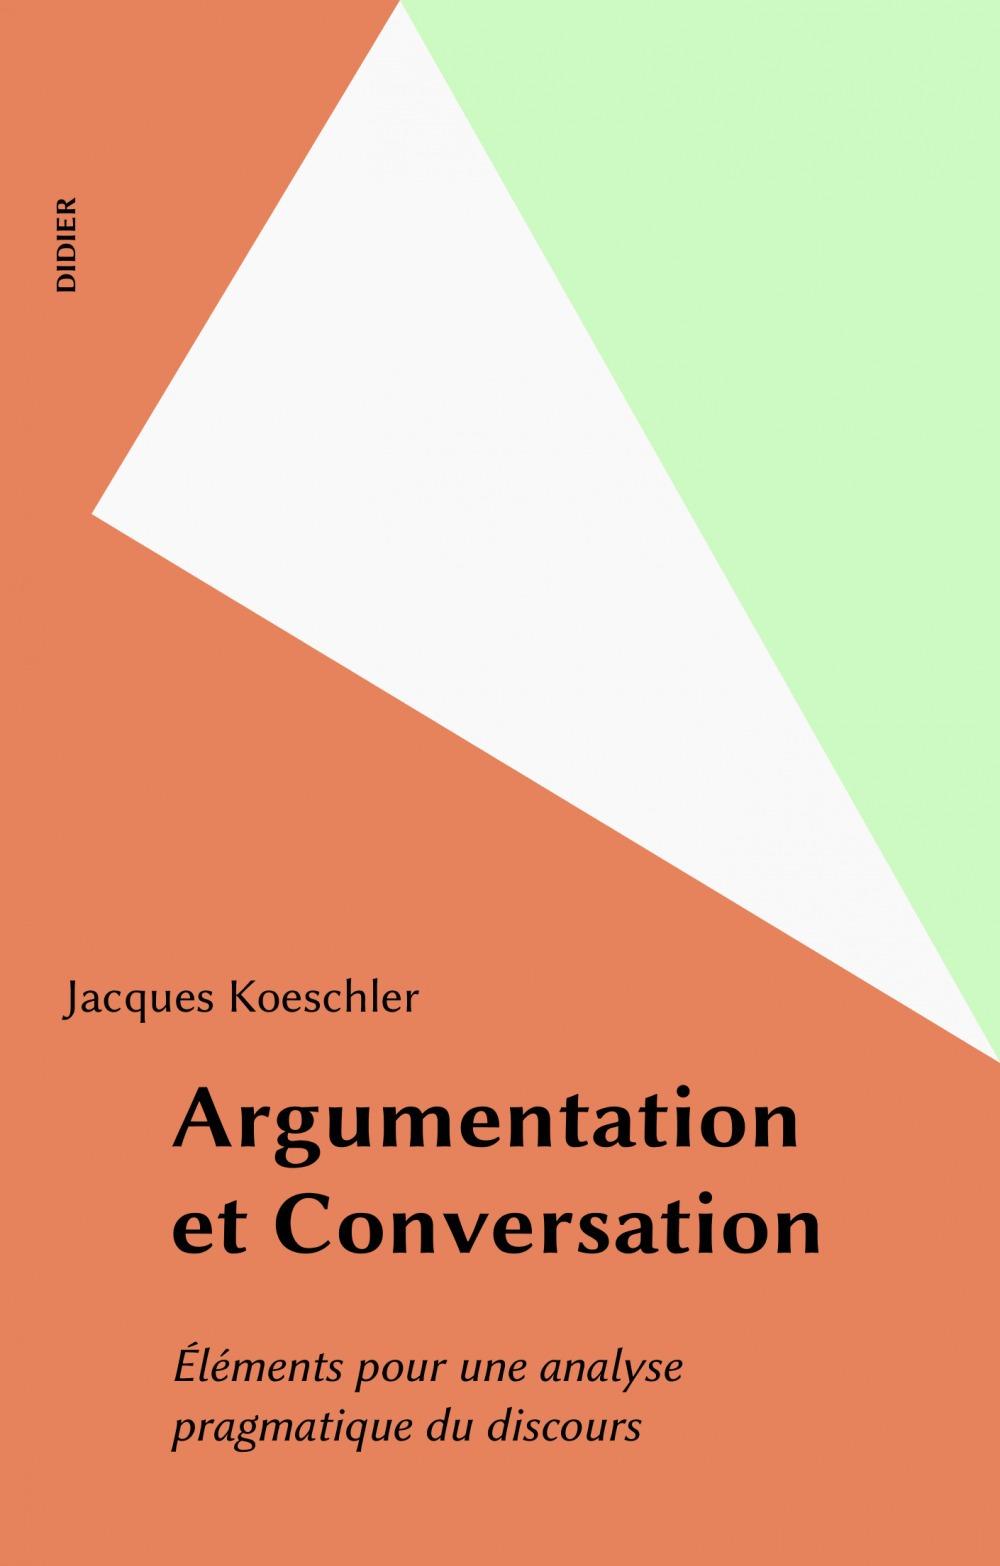 Argumentation et conversation